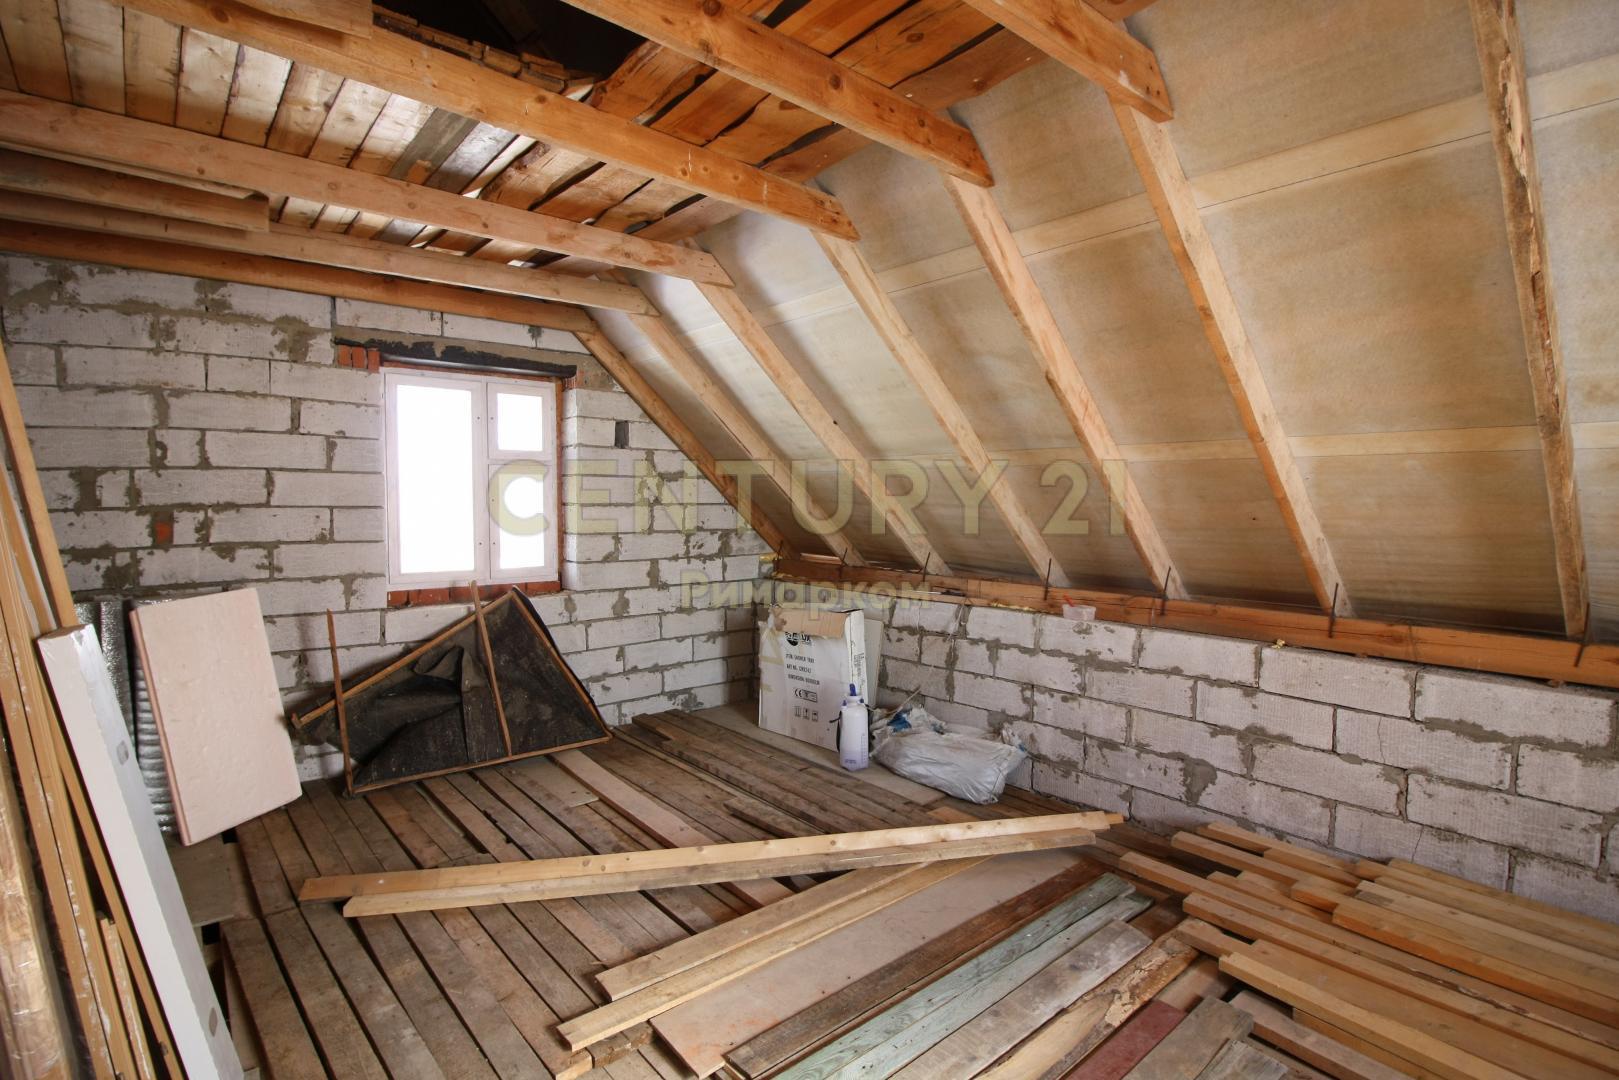 Продам дом по адресу Россия, Москва и Московская область, Ишино фото 4 по выгодной цене